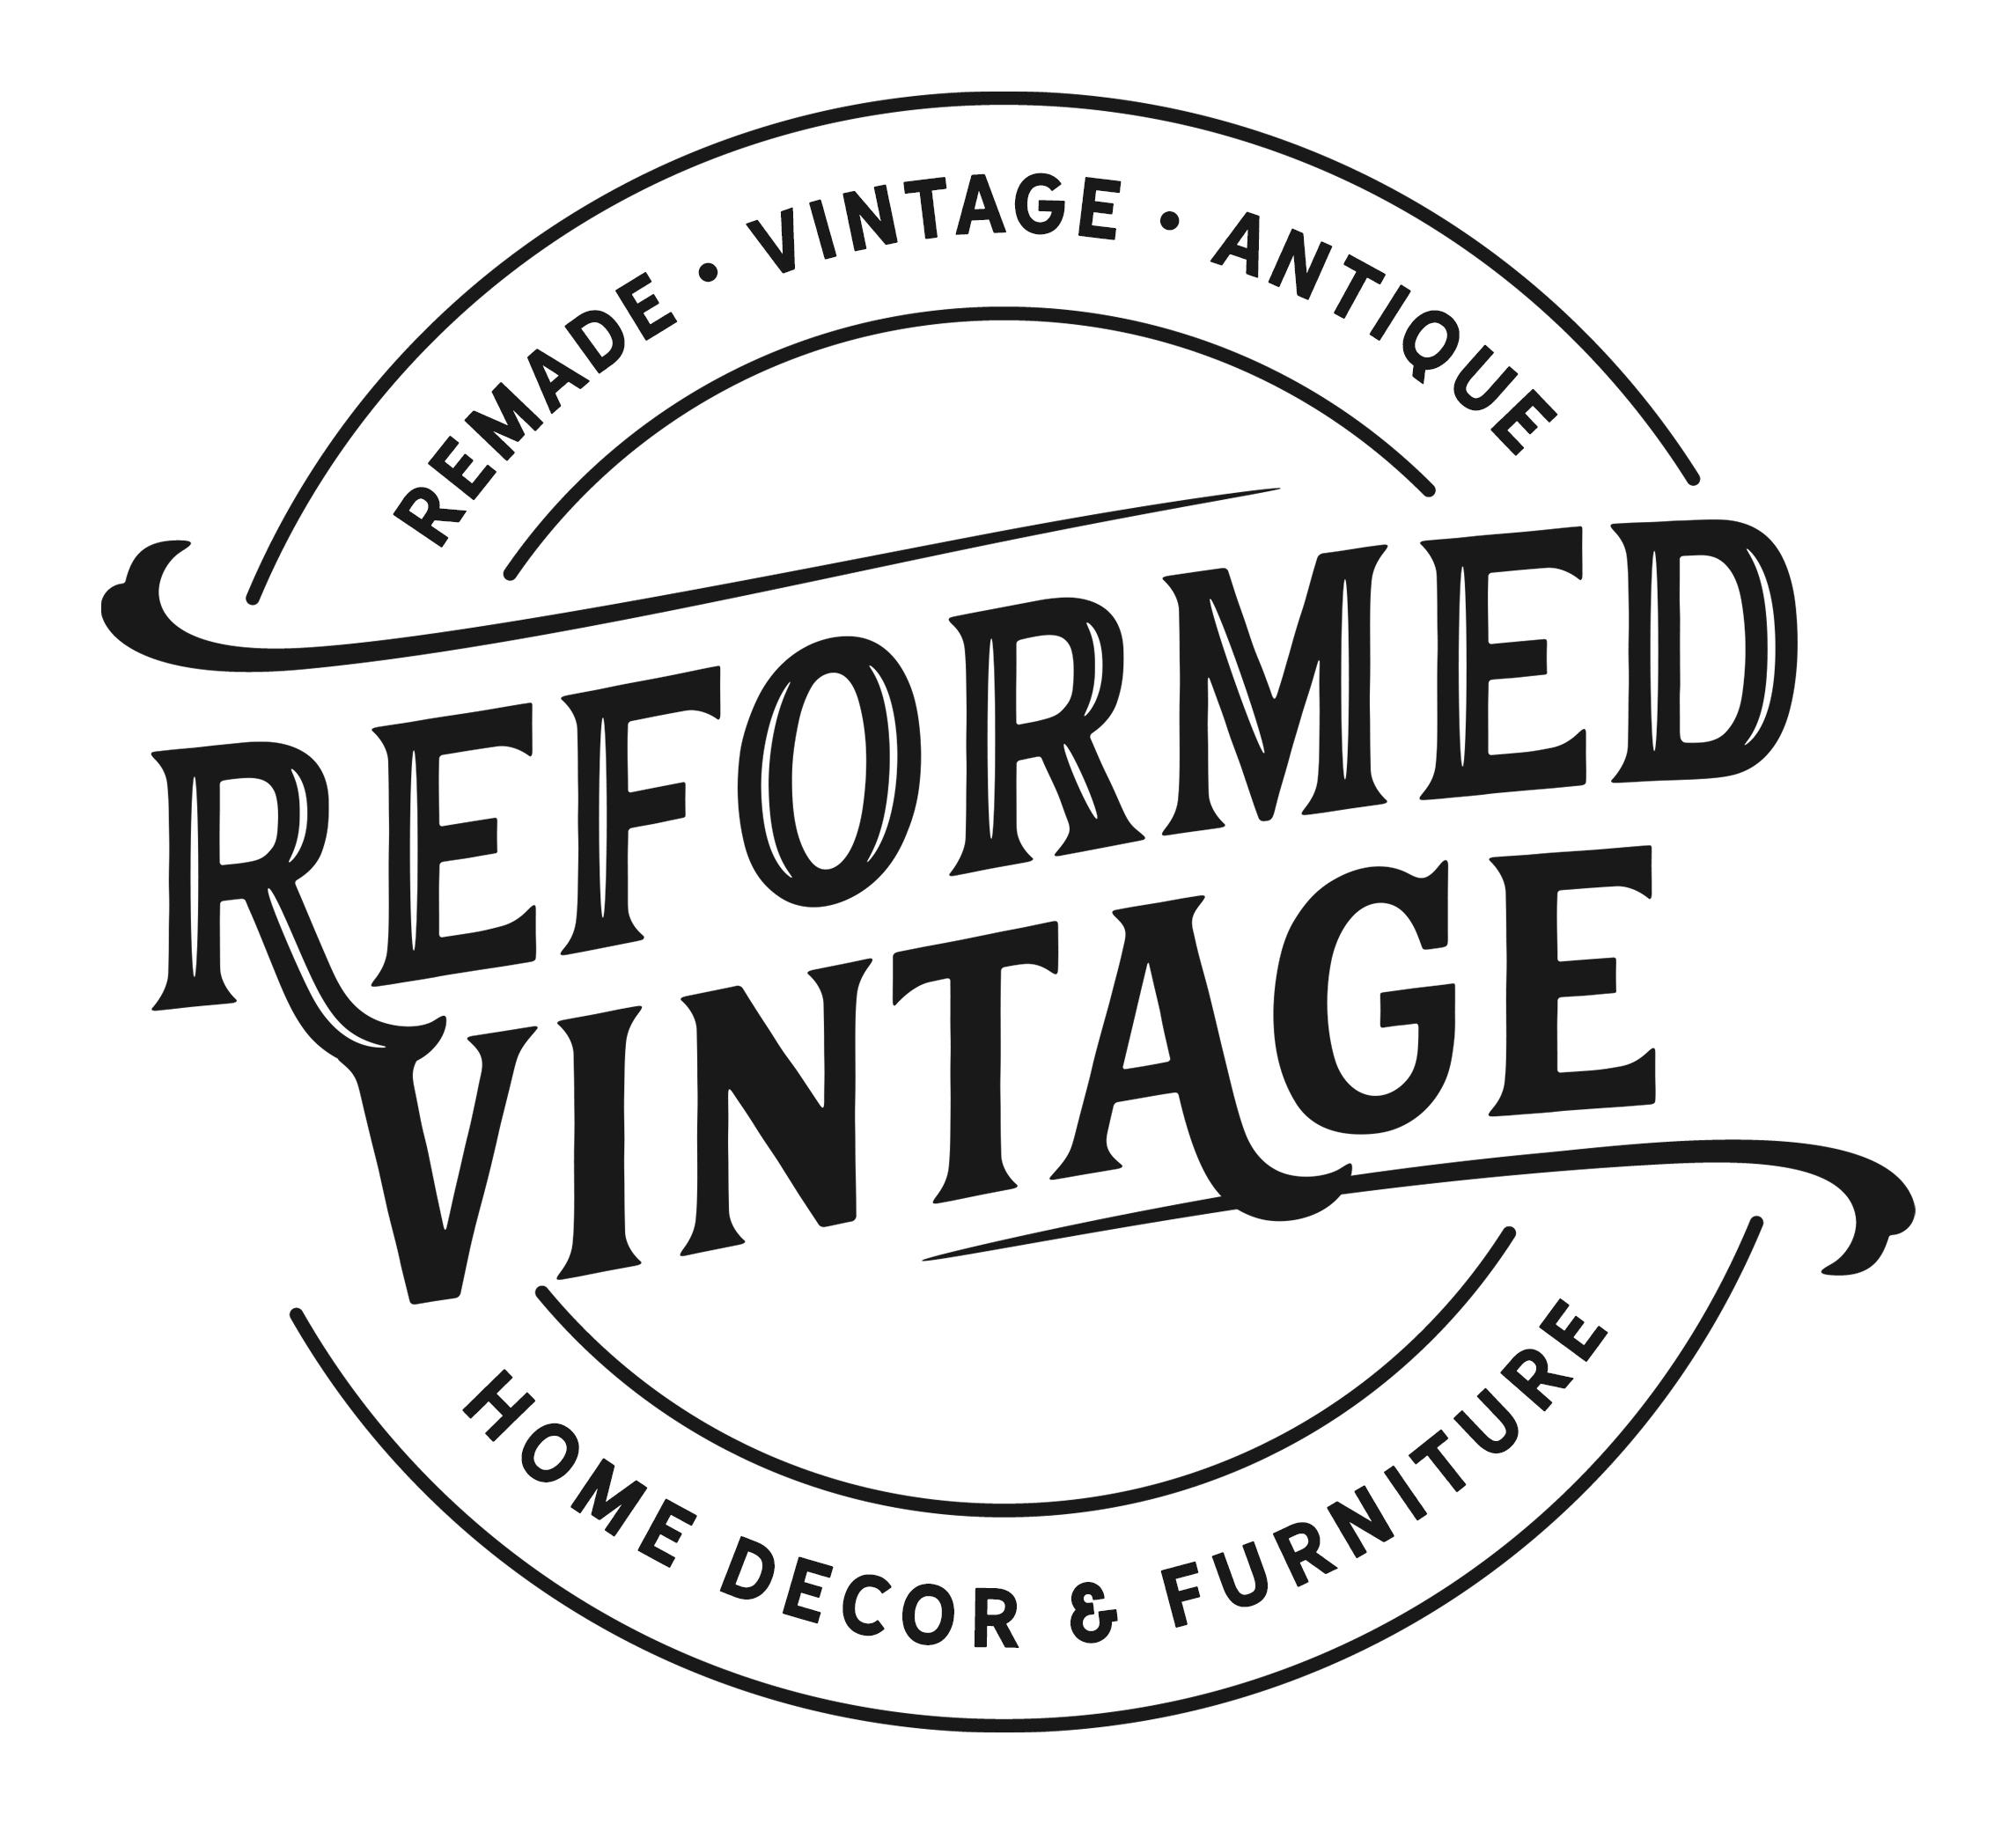 Reformed Vintage